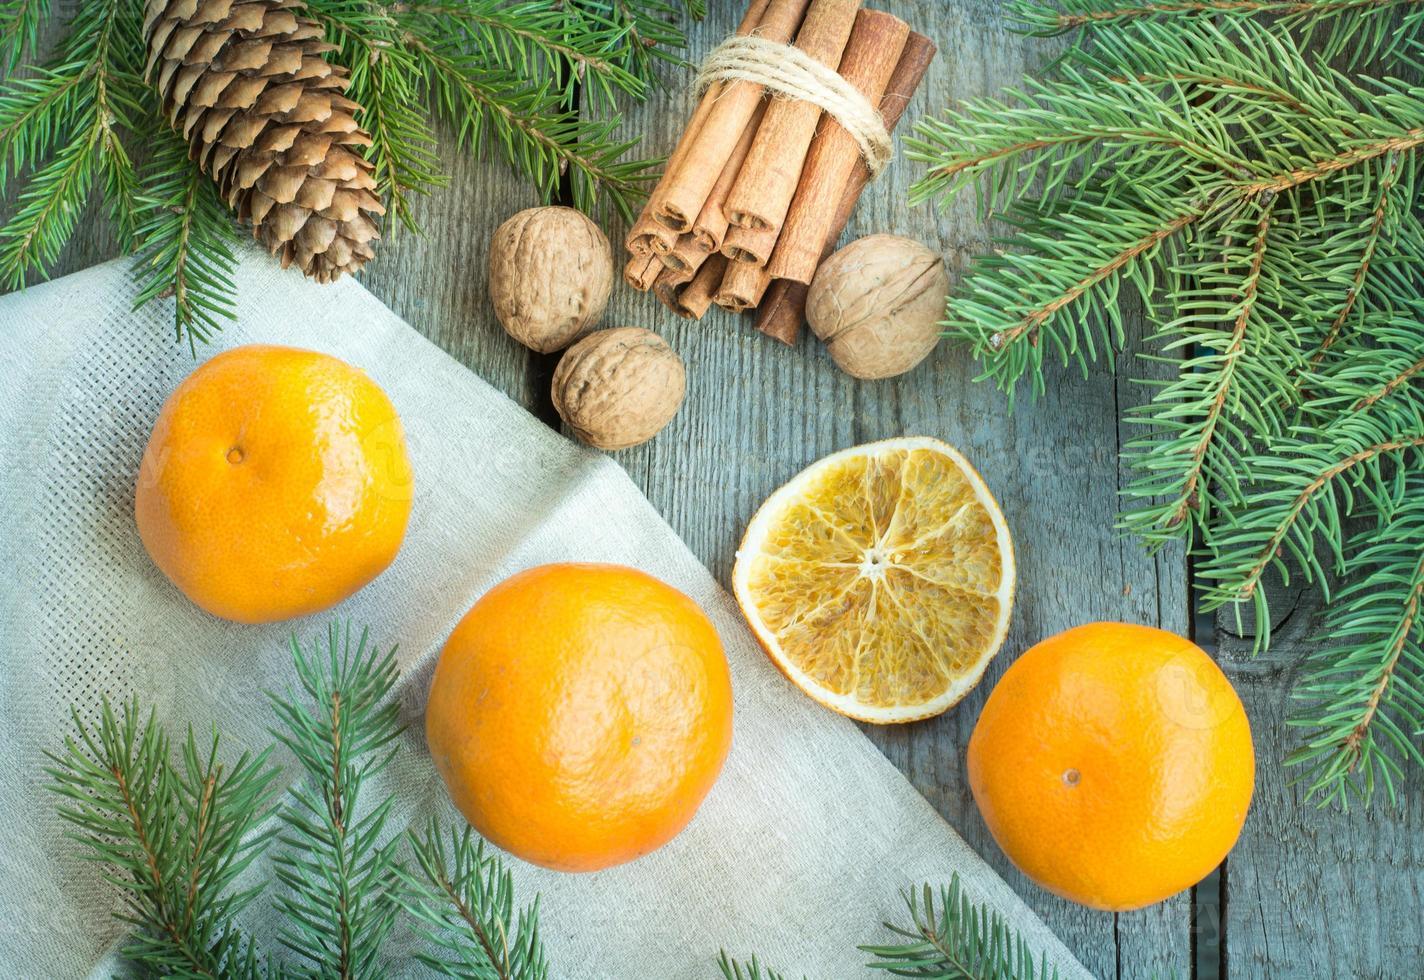 Weihnachtsstillleben mit Mandarinen und Zimt. Draufsicht. foto